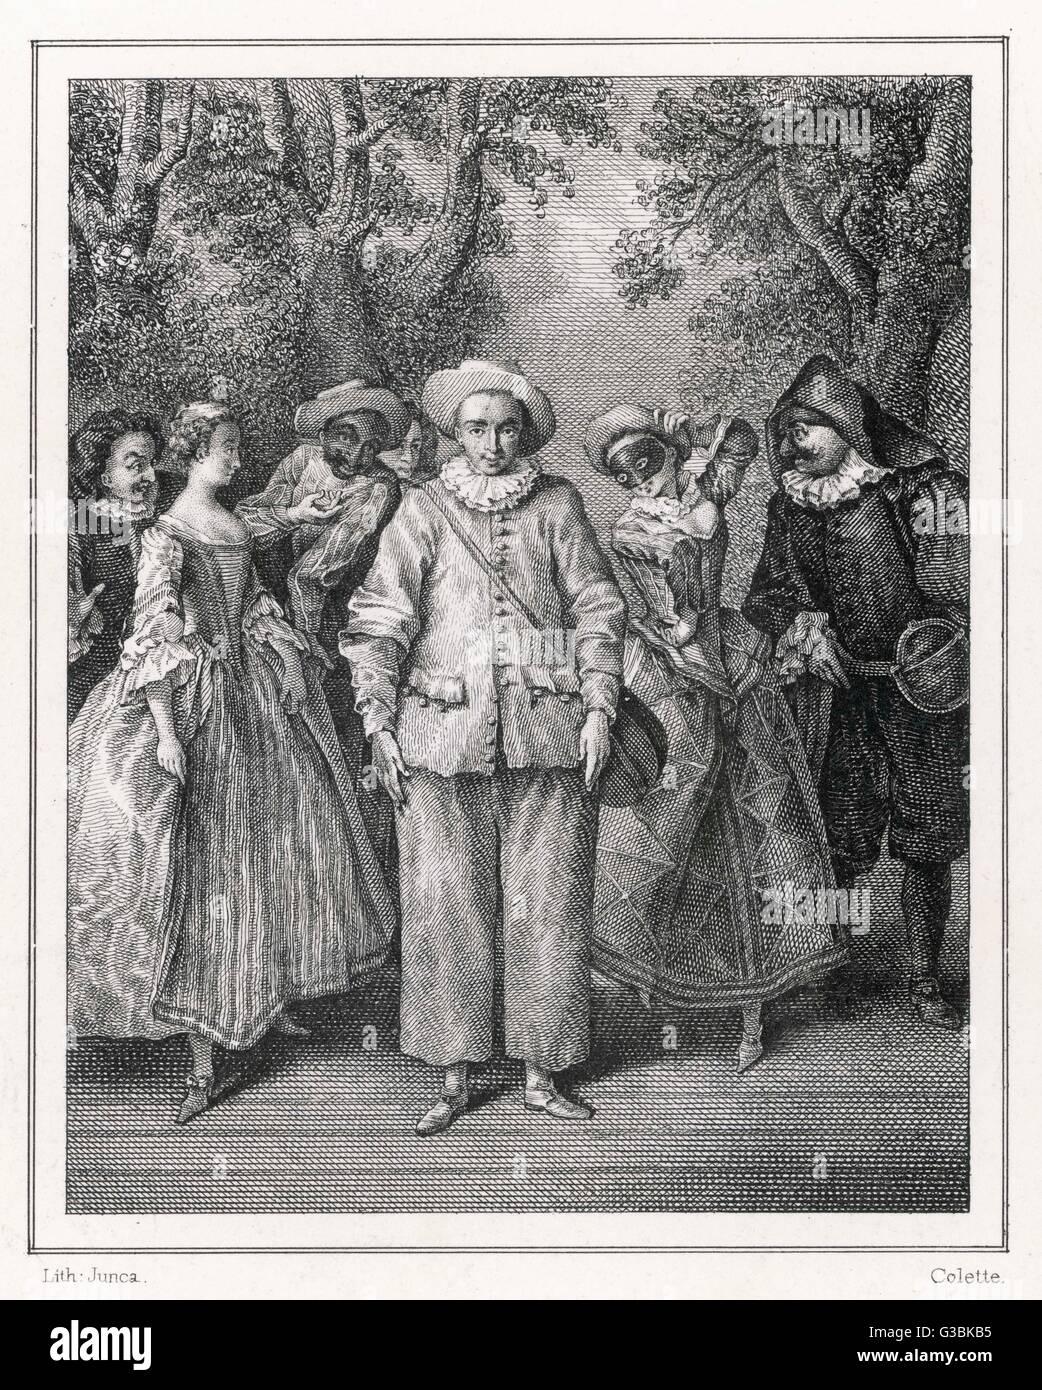 https www alamyimages fr photo image les personnages de la commedia date debut du 19eme siecle 105362857 html